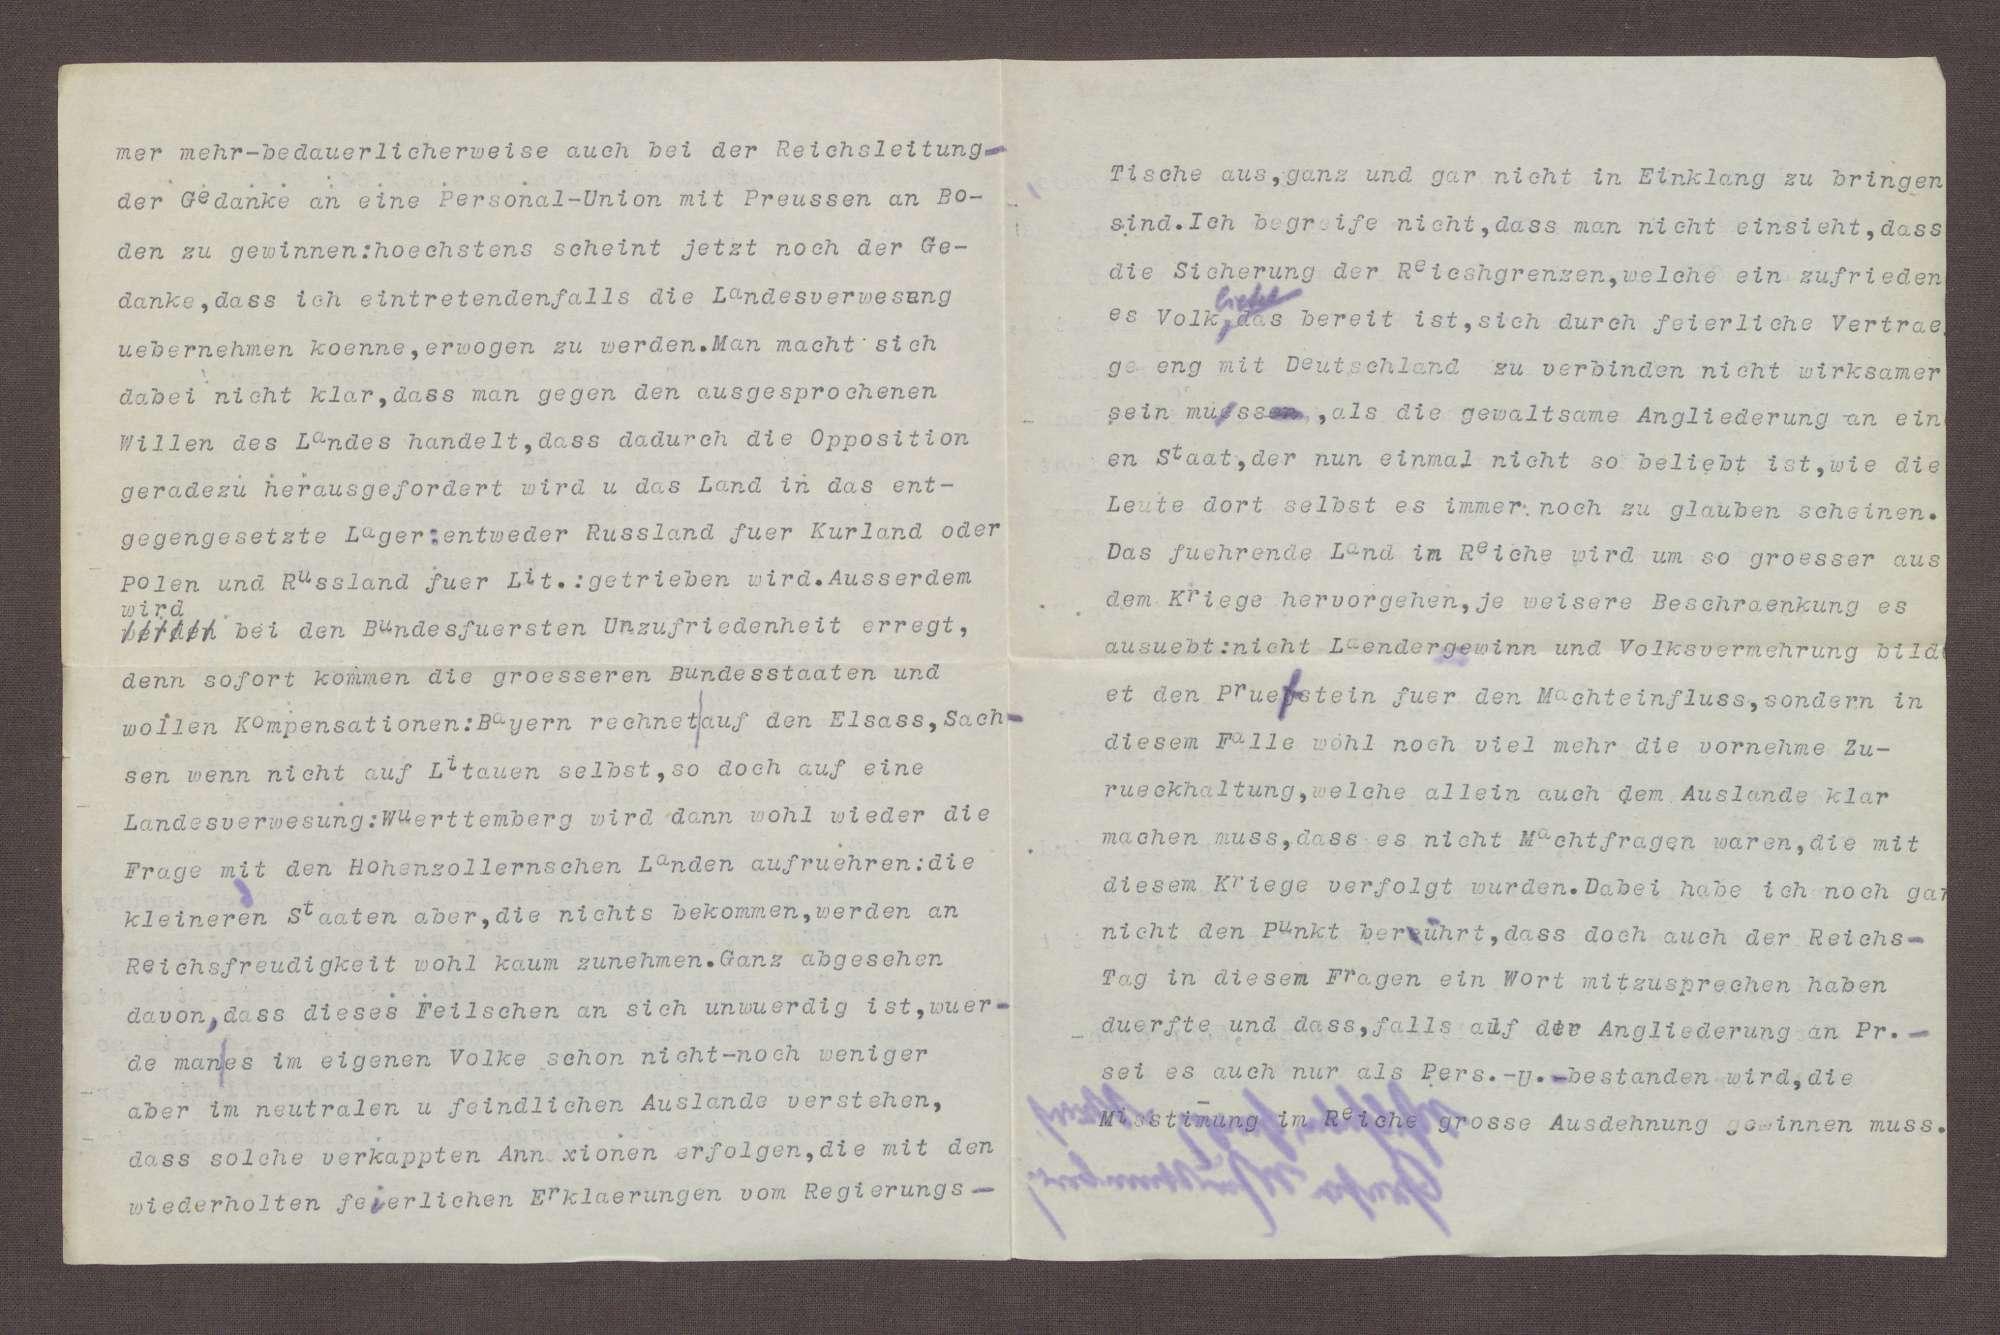 Schreiben von Wilhelm von Urach an Constantin Fehrenbach, Politische Lage in Litauen und Kurland, Bild 2